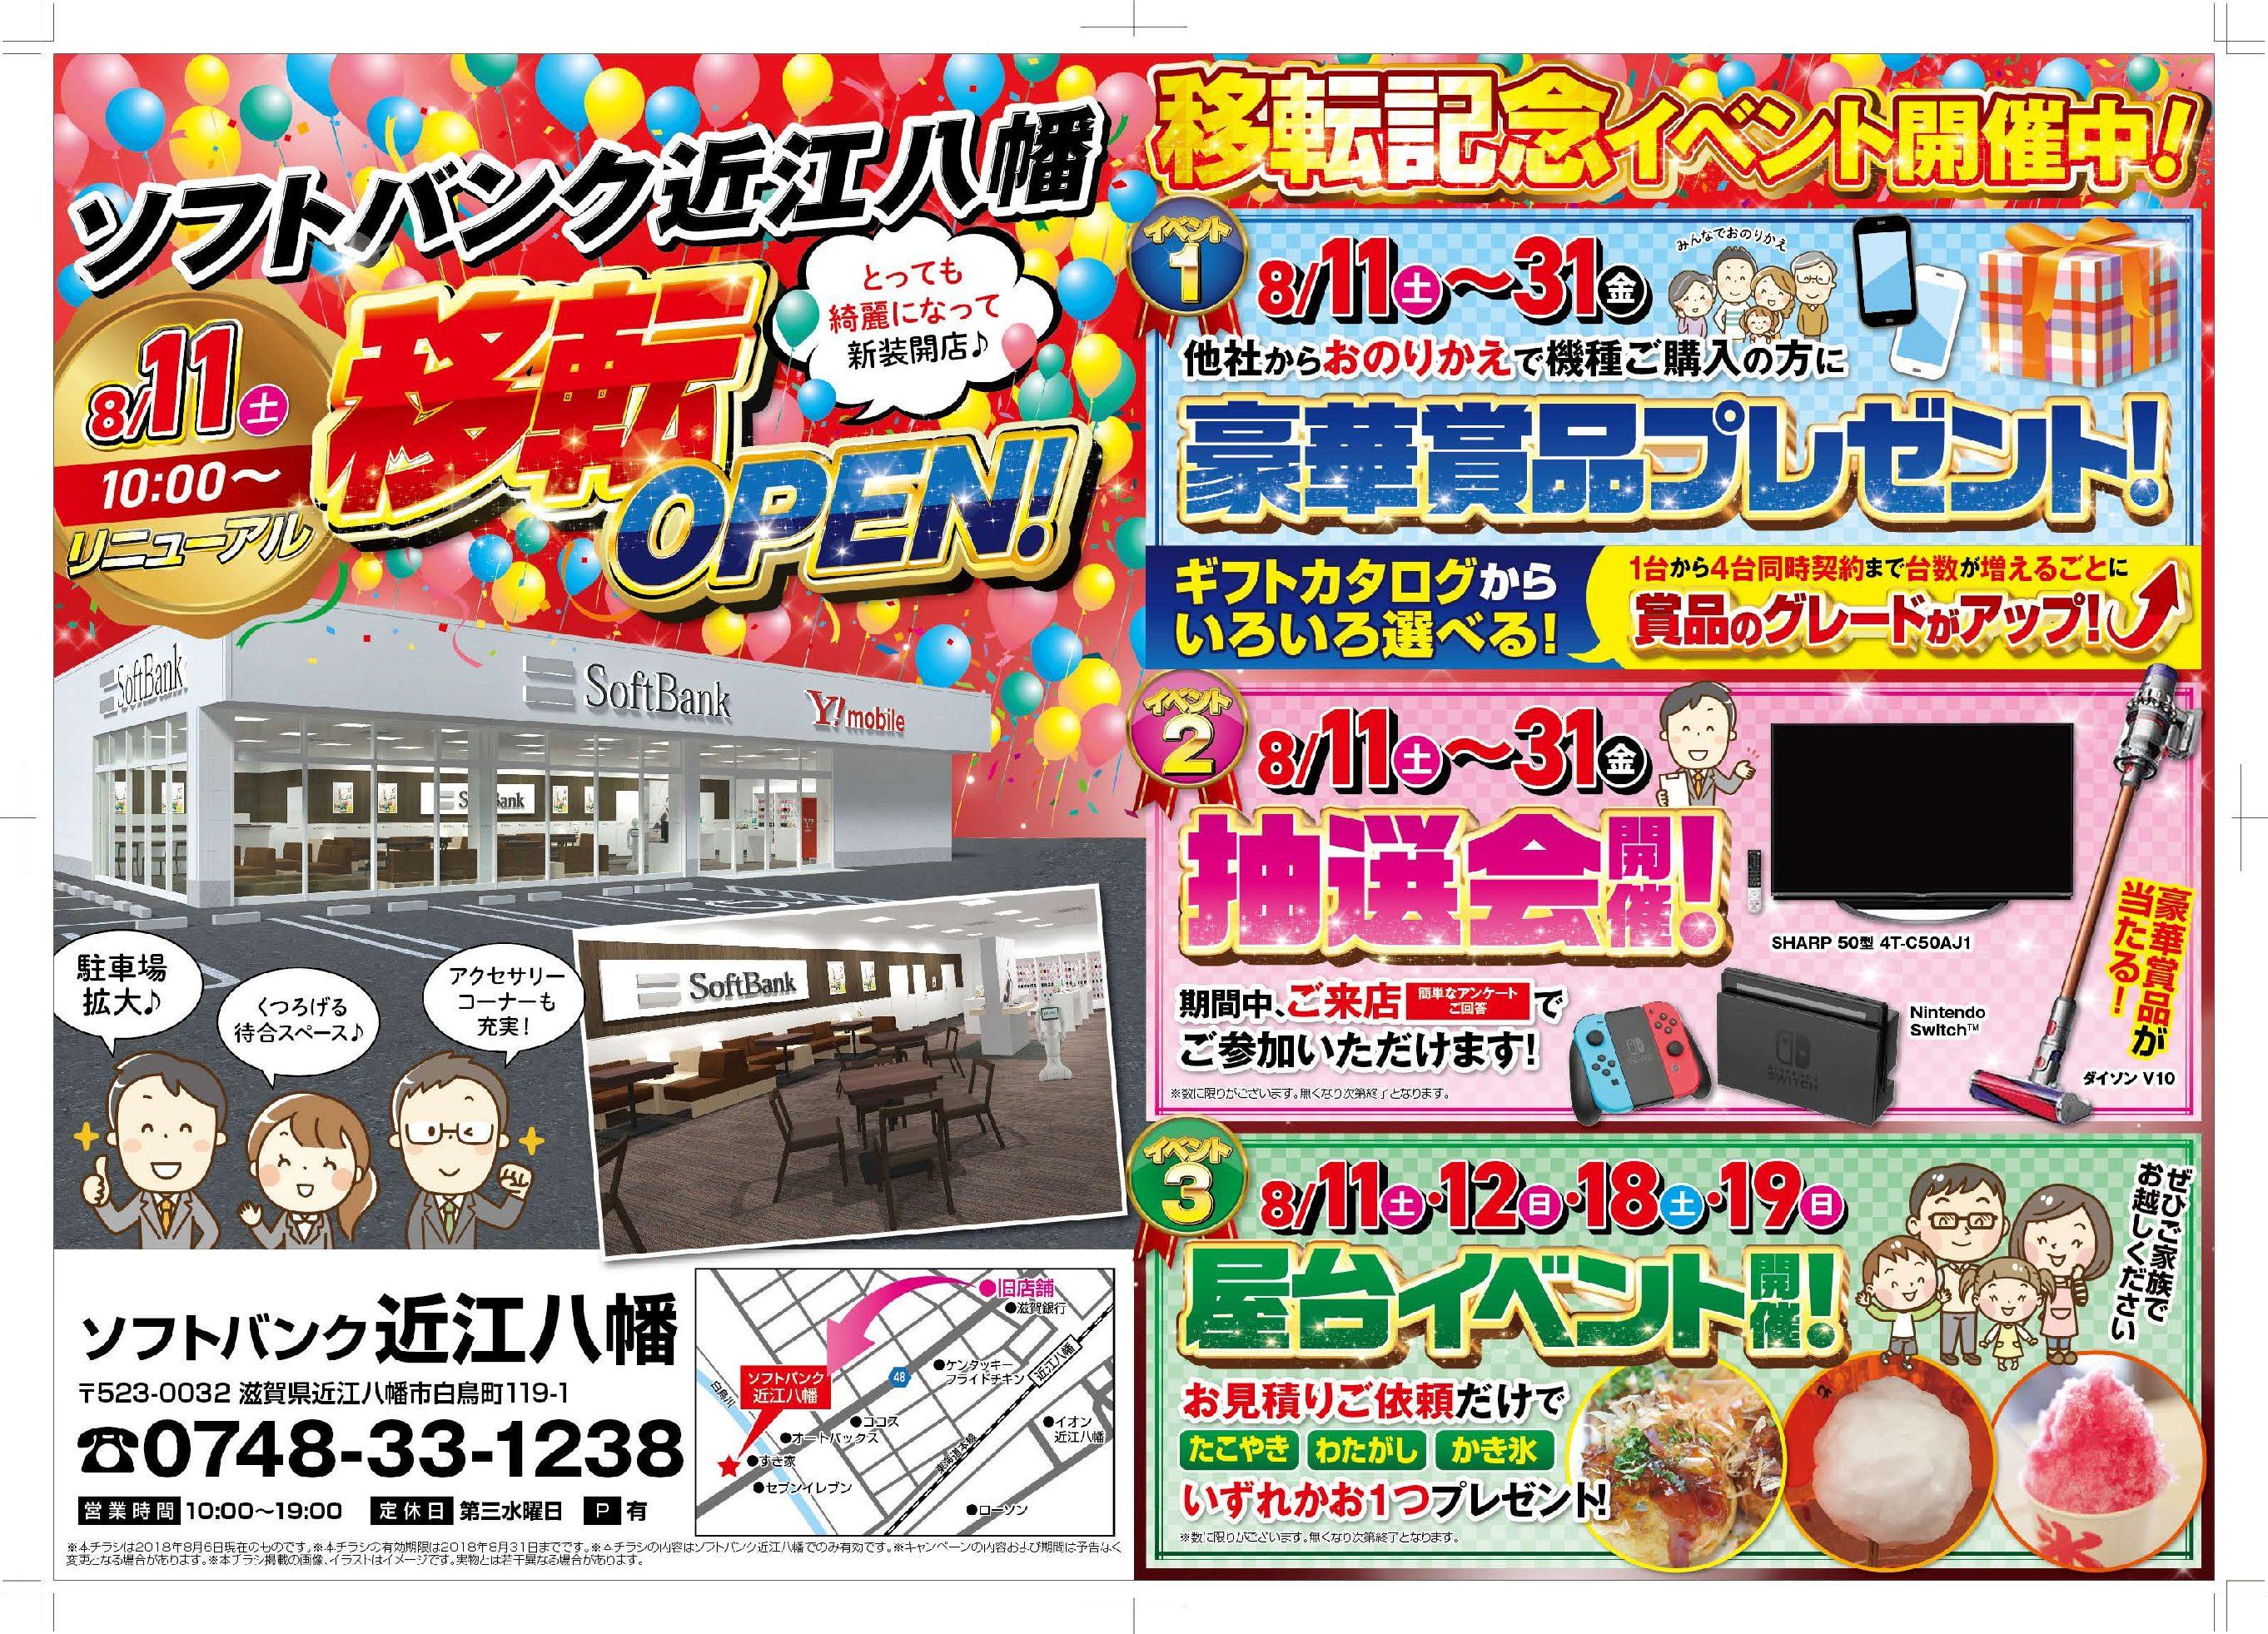 ☆ソフトバンク近江八幡移転キャンペーン☆(画像)